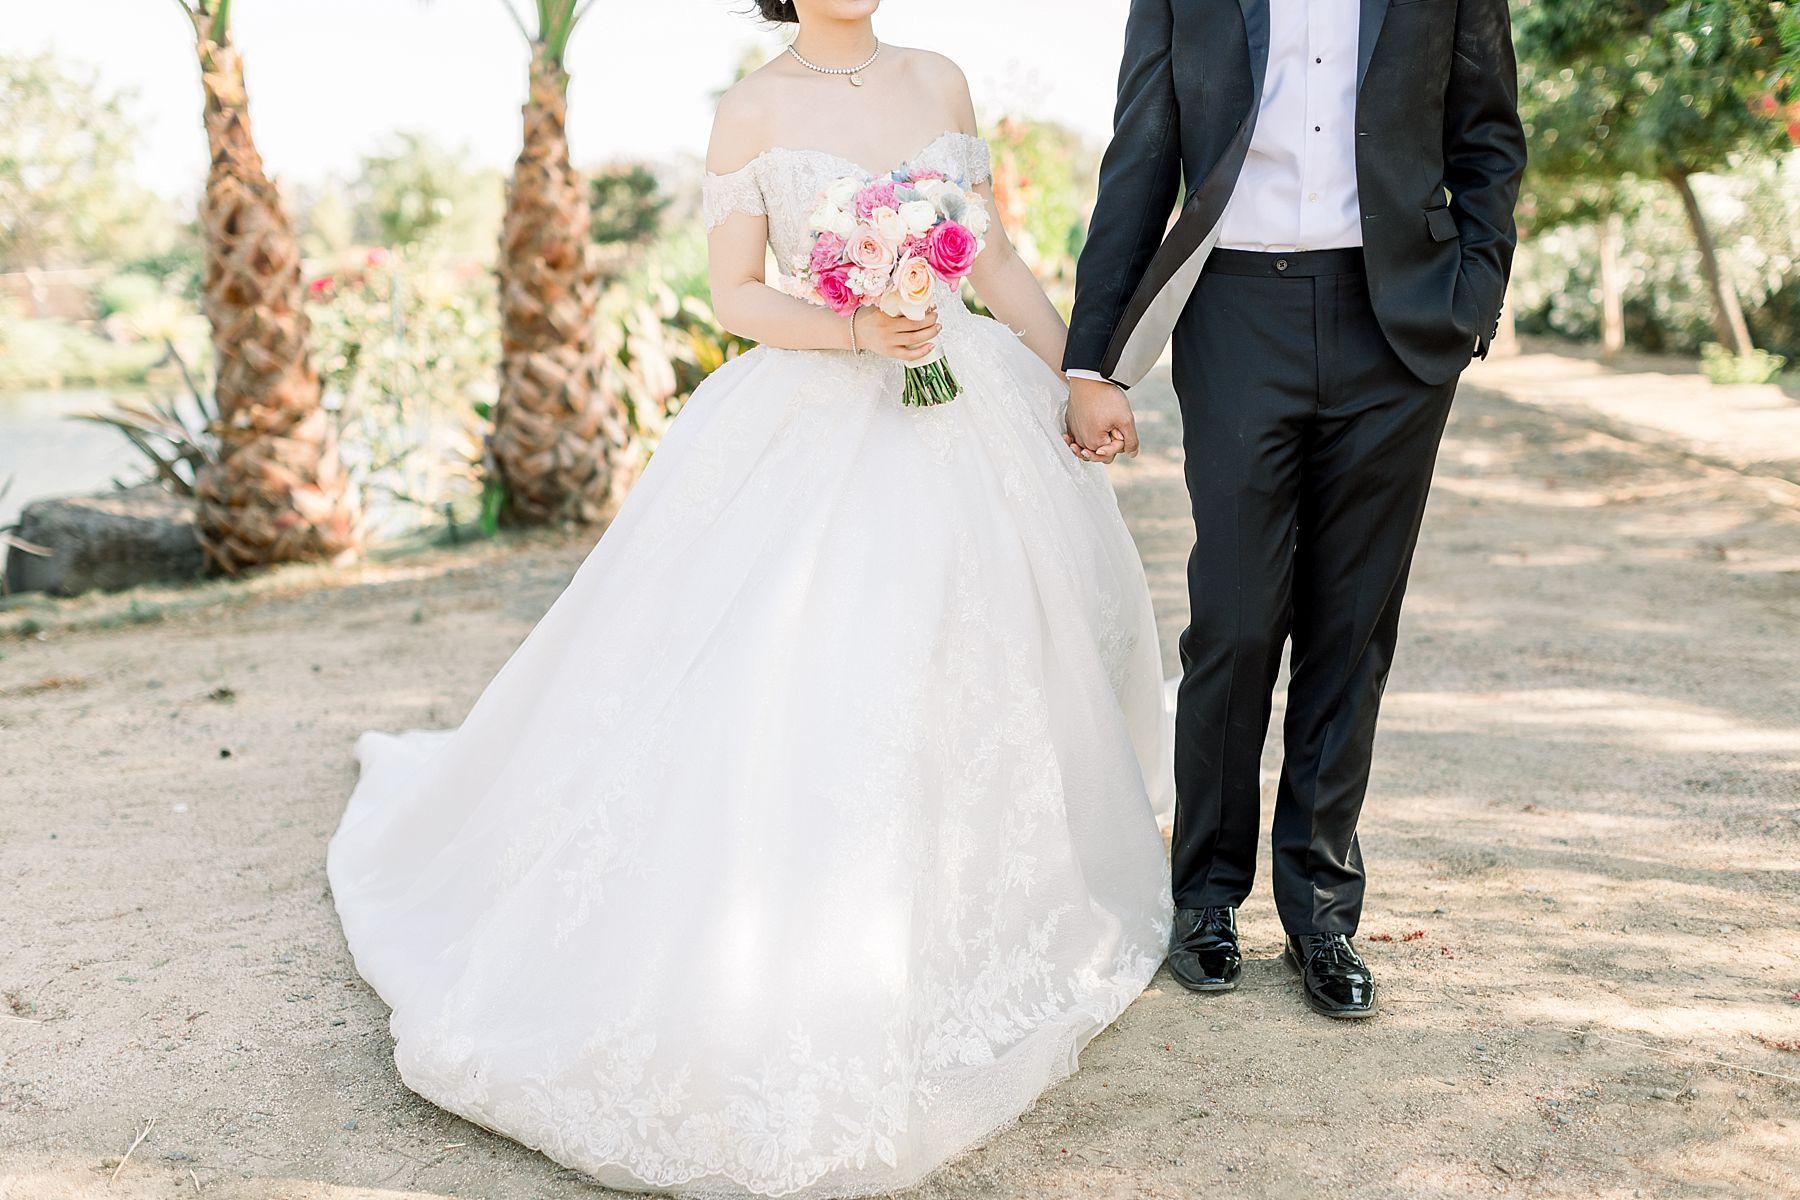 Newberry Estate Vineyards Wedding - Ashley Baumgartner - Jasmine and Johhny - Bay Area Wedding Photographer - Sacramento Wedding Photographer_0024.jpg